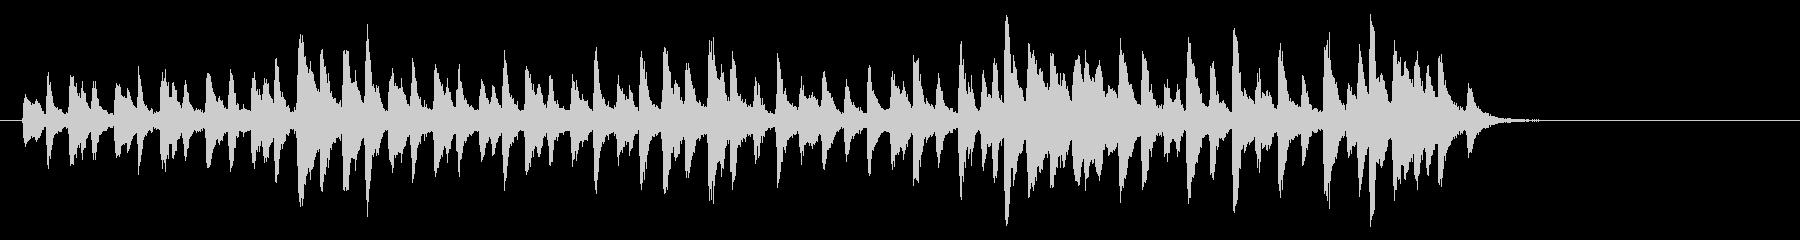 6つのエコセーズ第1番(ベートーヴェン)の未再生の波形